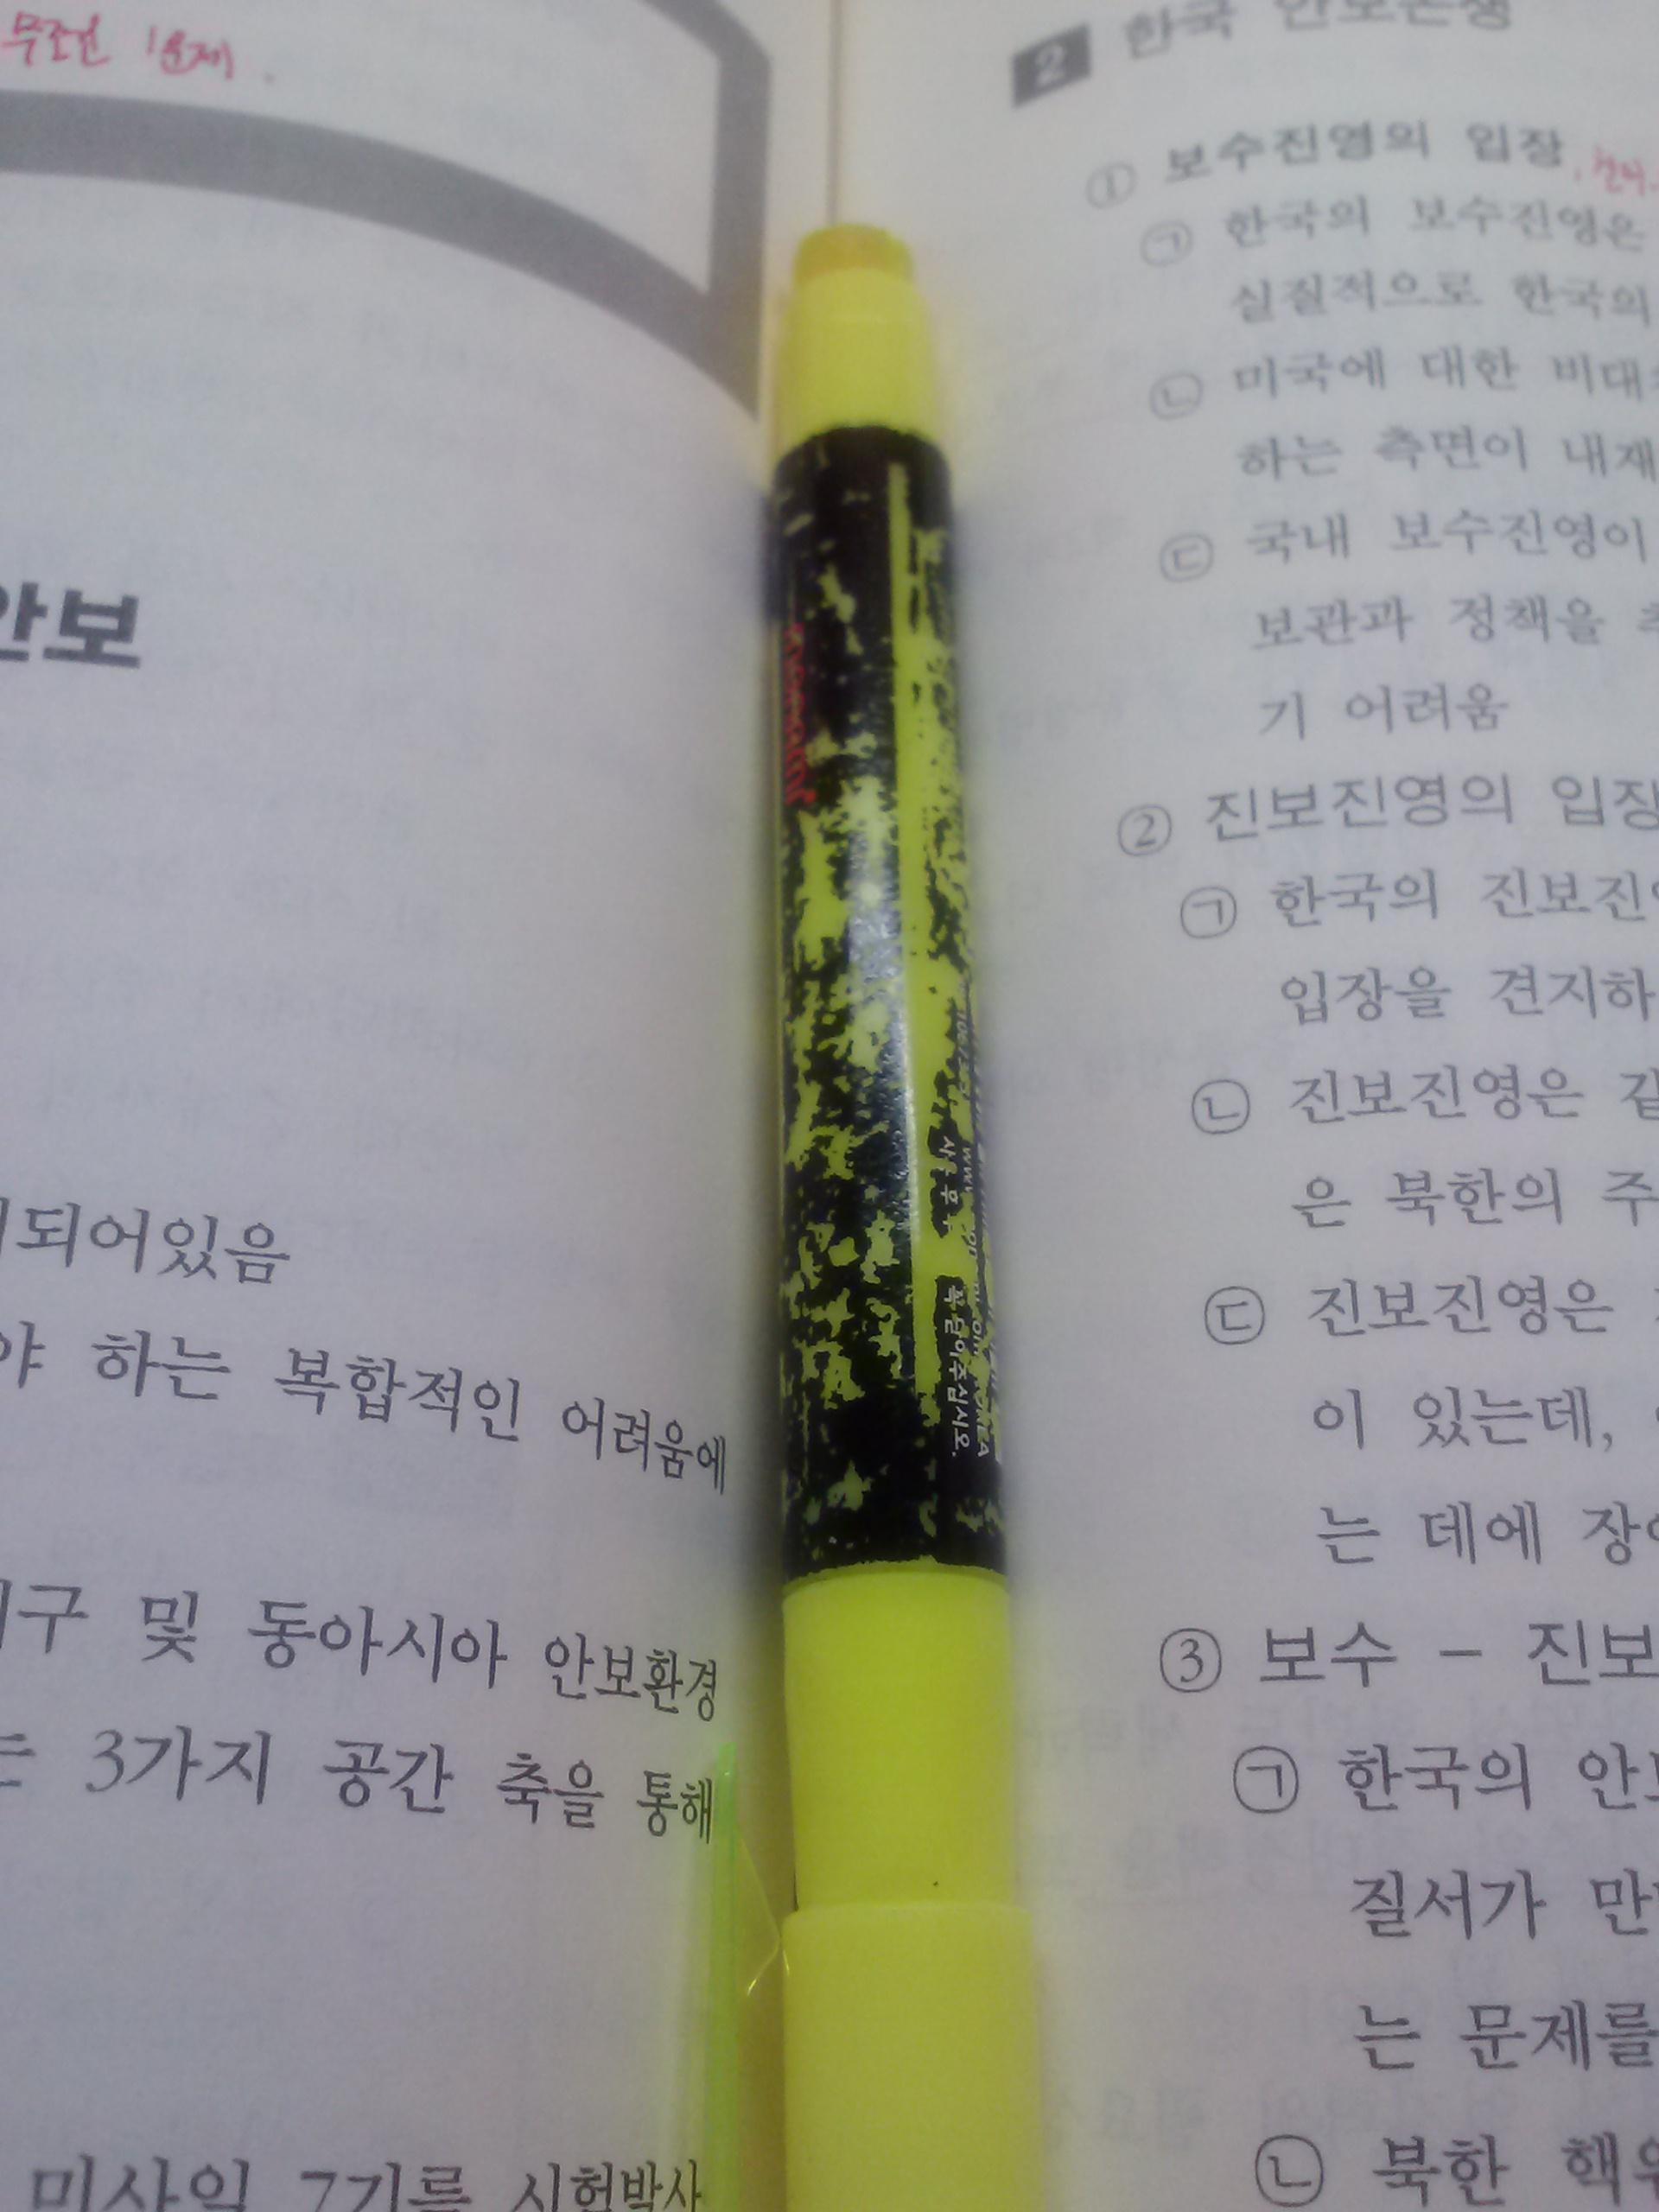 모나미 고체 형광펜